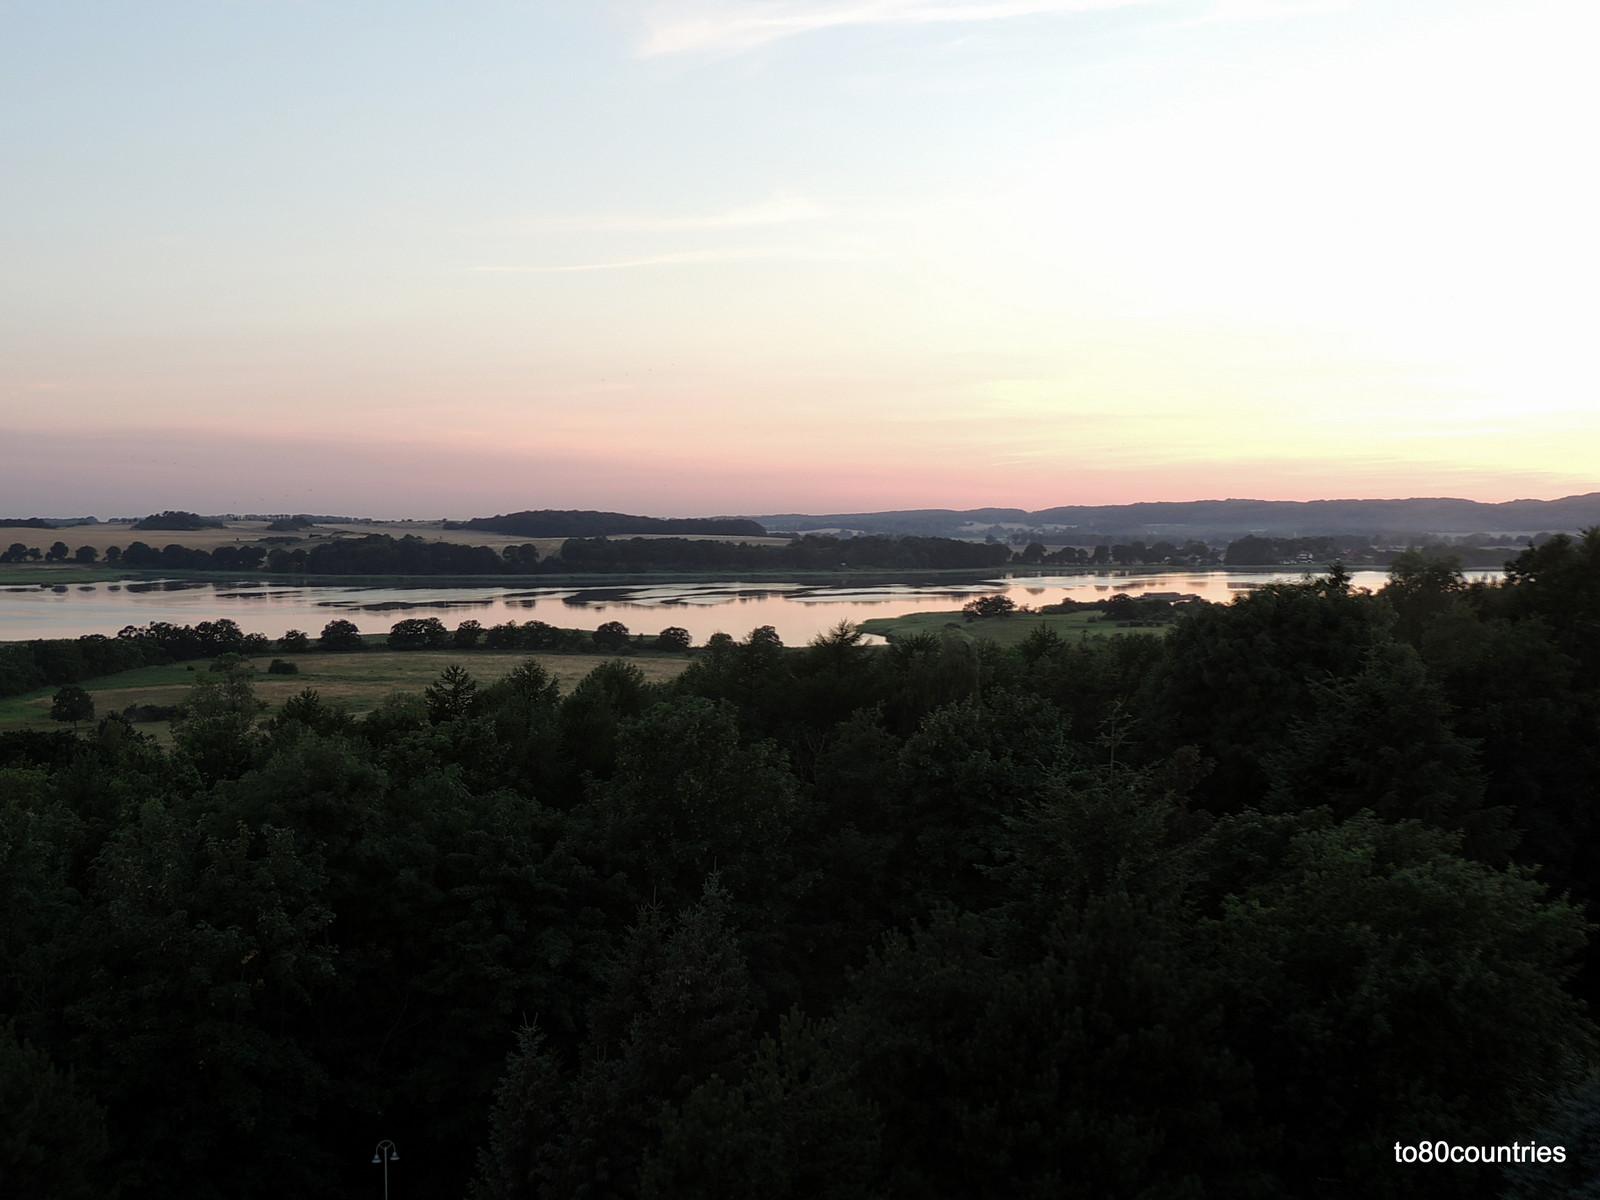 Usedom und Rügen - Cliffhotel Sellin - Zimmerausblick bei Sonnenuntergang auf das Mönchgut